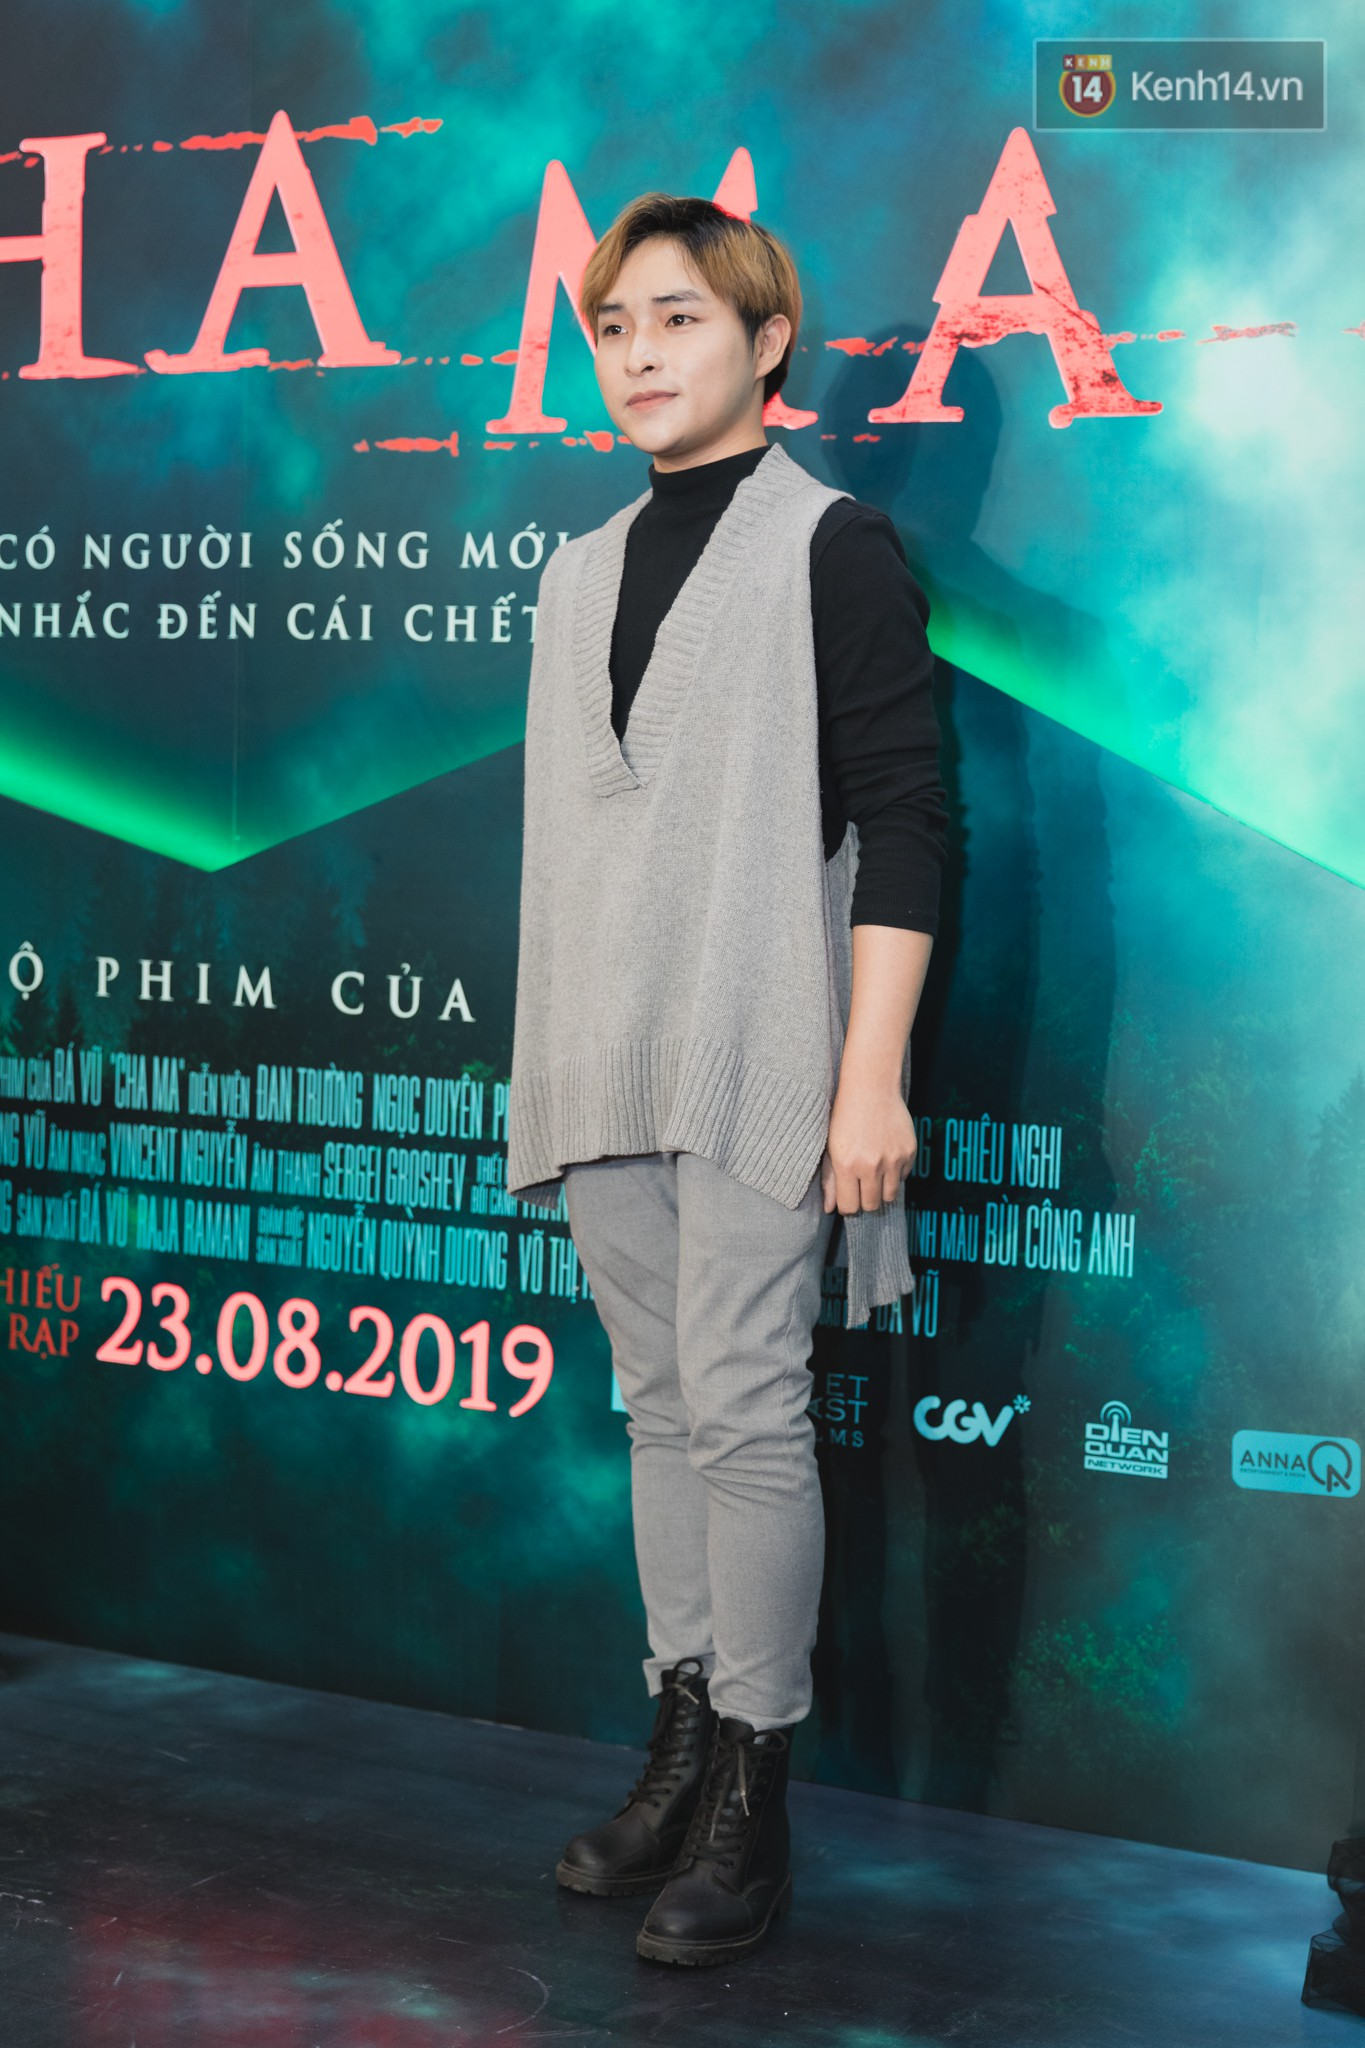 Sài Gòn vào mùa mưa là anh Bo Đan Trường lẹ làng diện tóc mái hiên sừng sững giữa thảm đỏ Cha Ma - Ảnh 12.